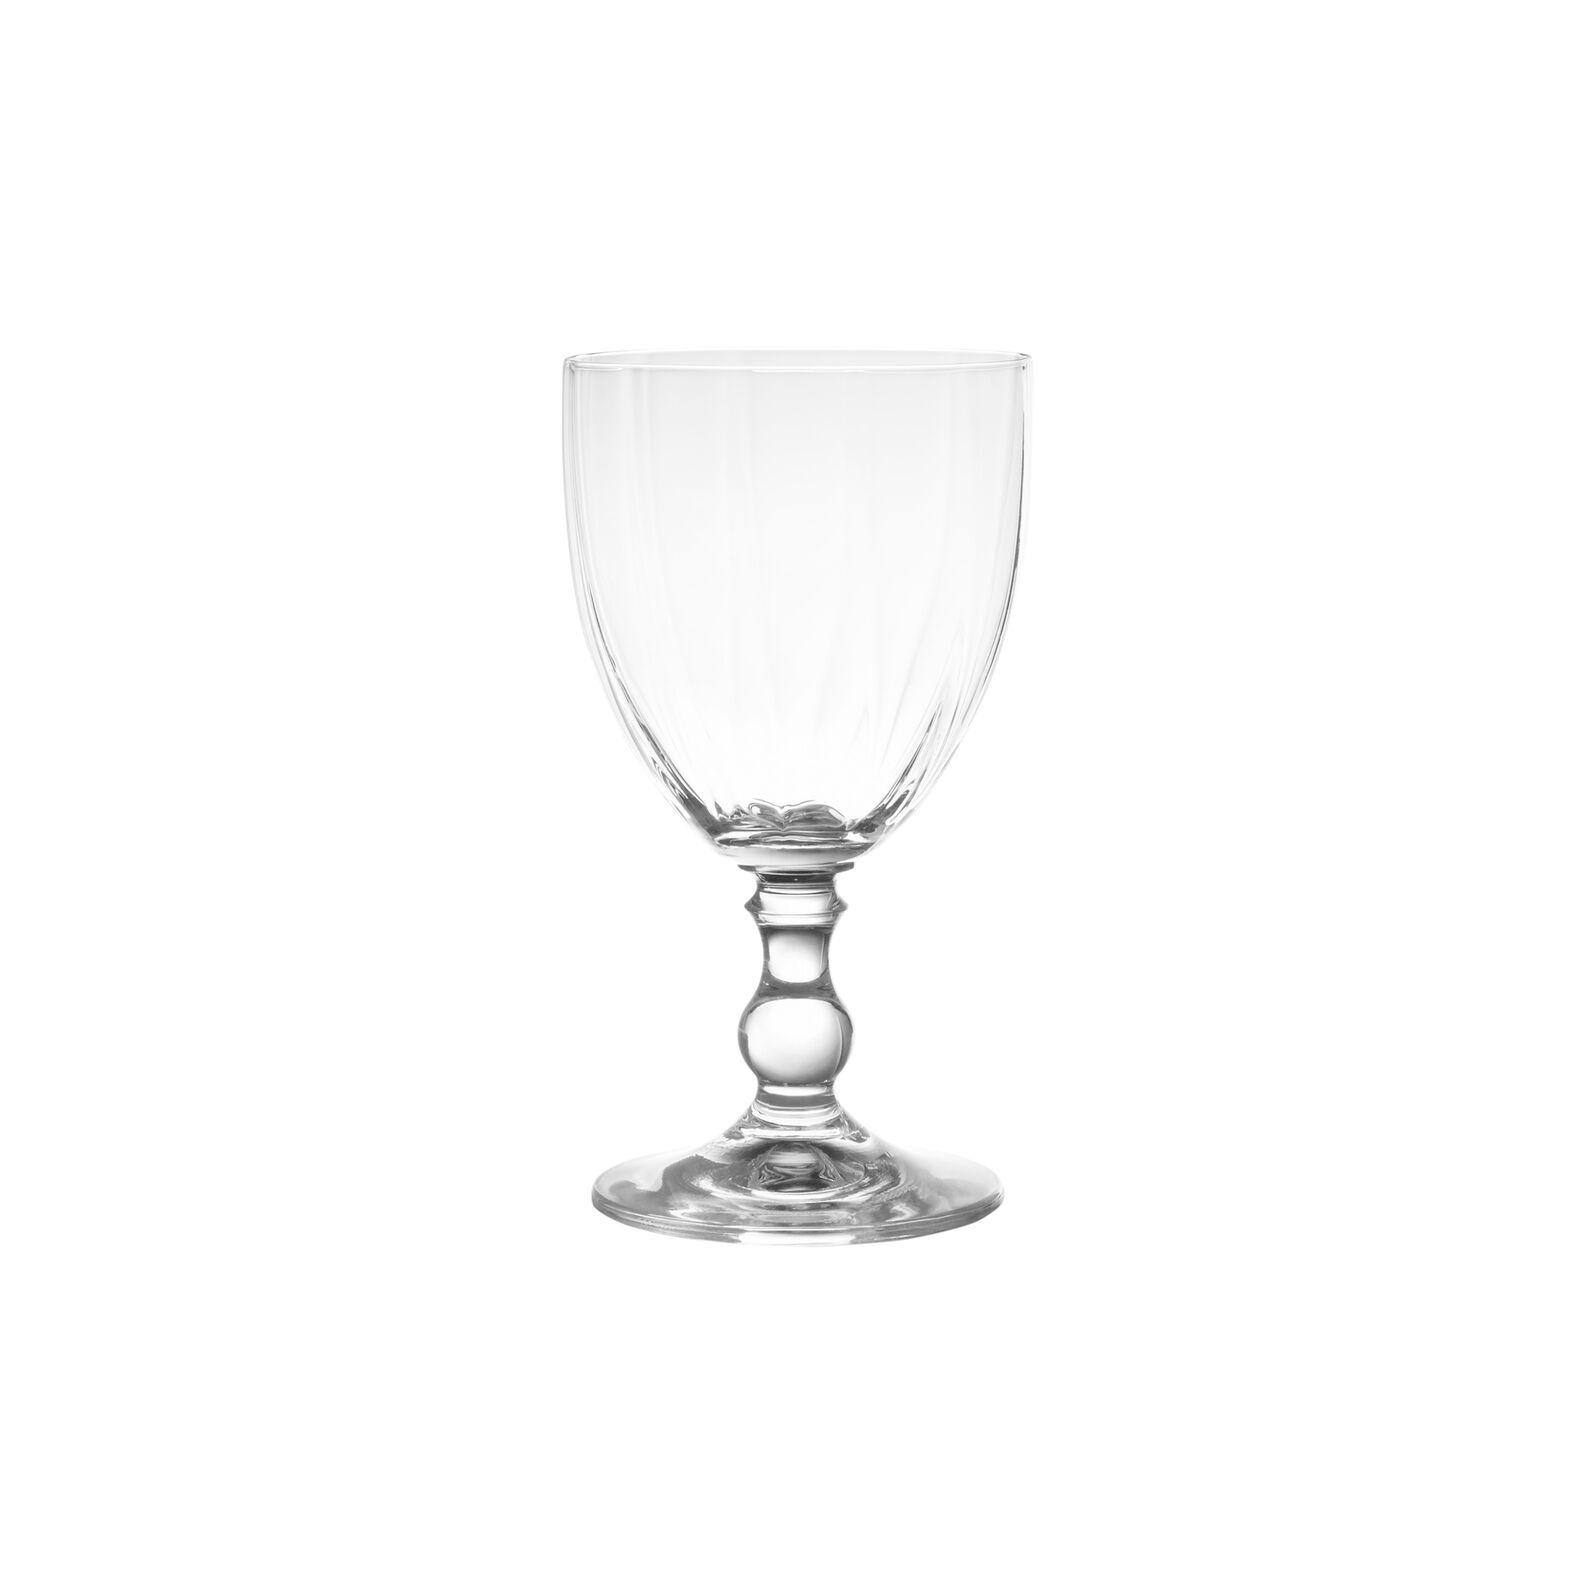 Bohemia Margot crystal wine glass